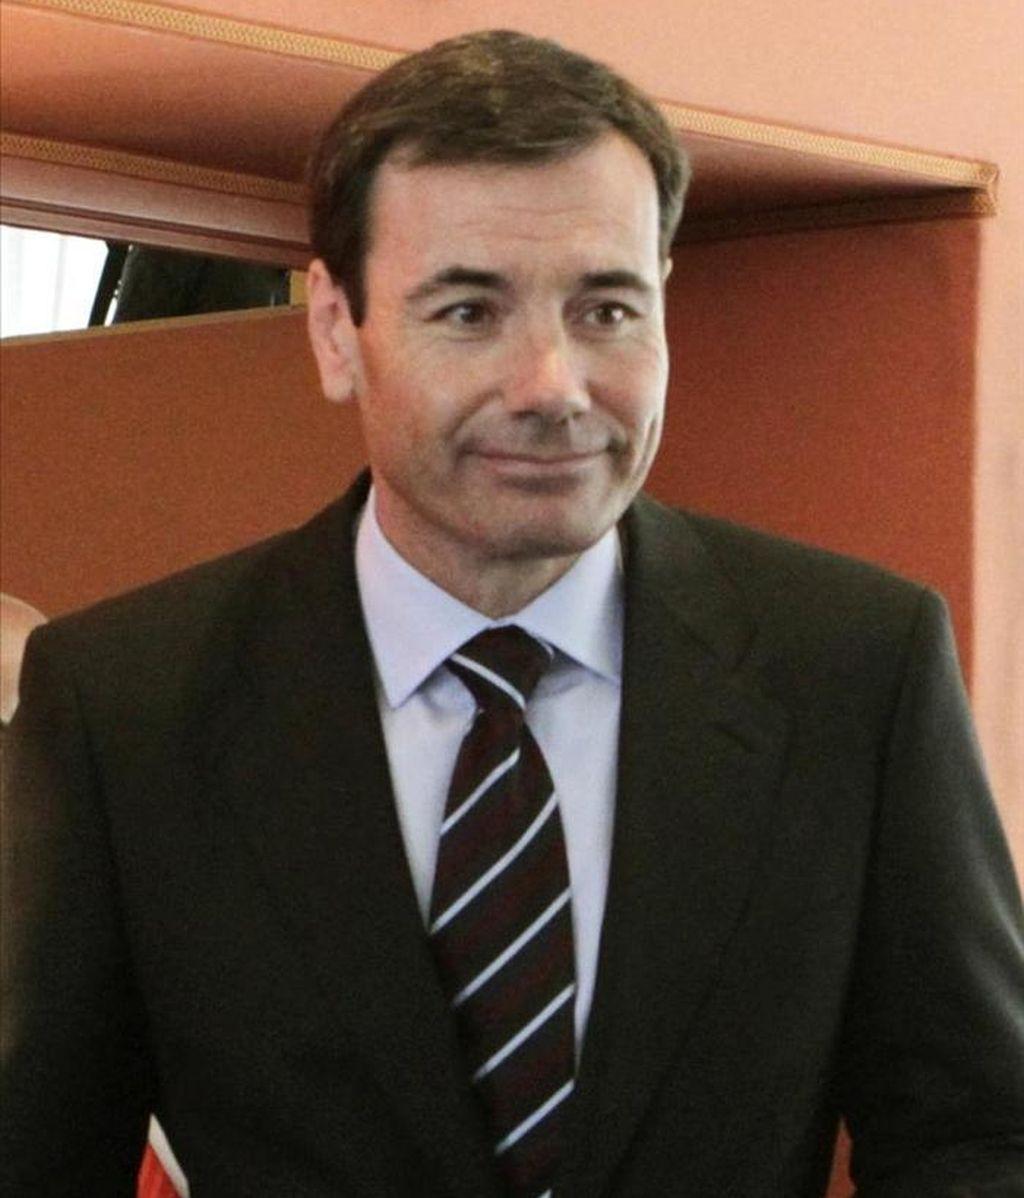 El candidato socialista a presidente de la Comunidad, Tomás Gómez. EFE/Archivo